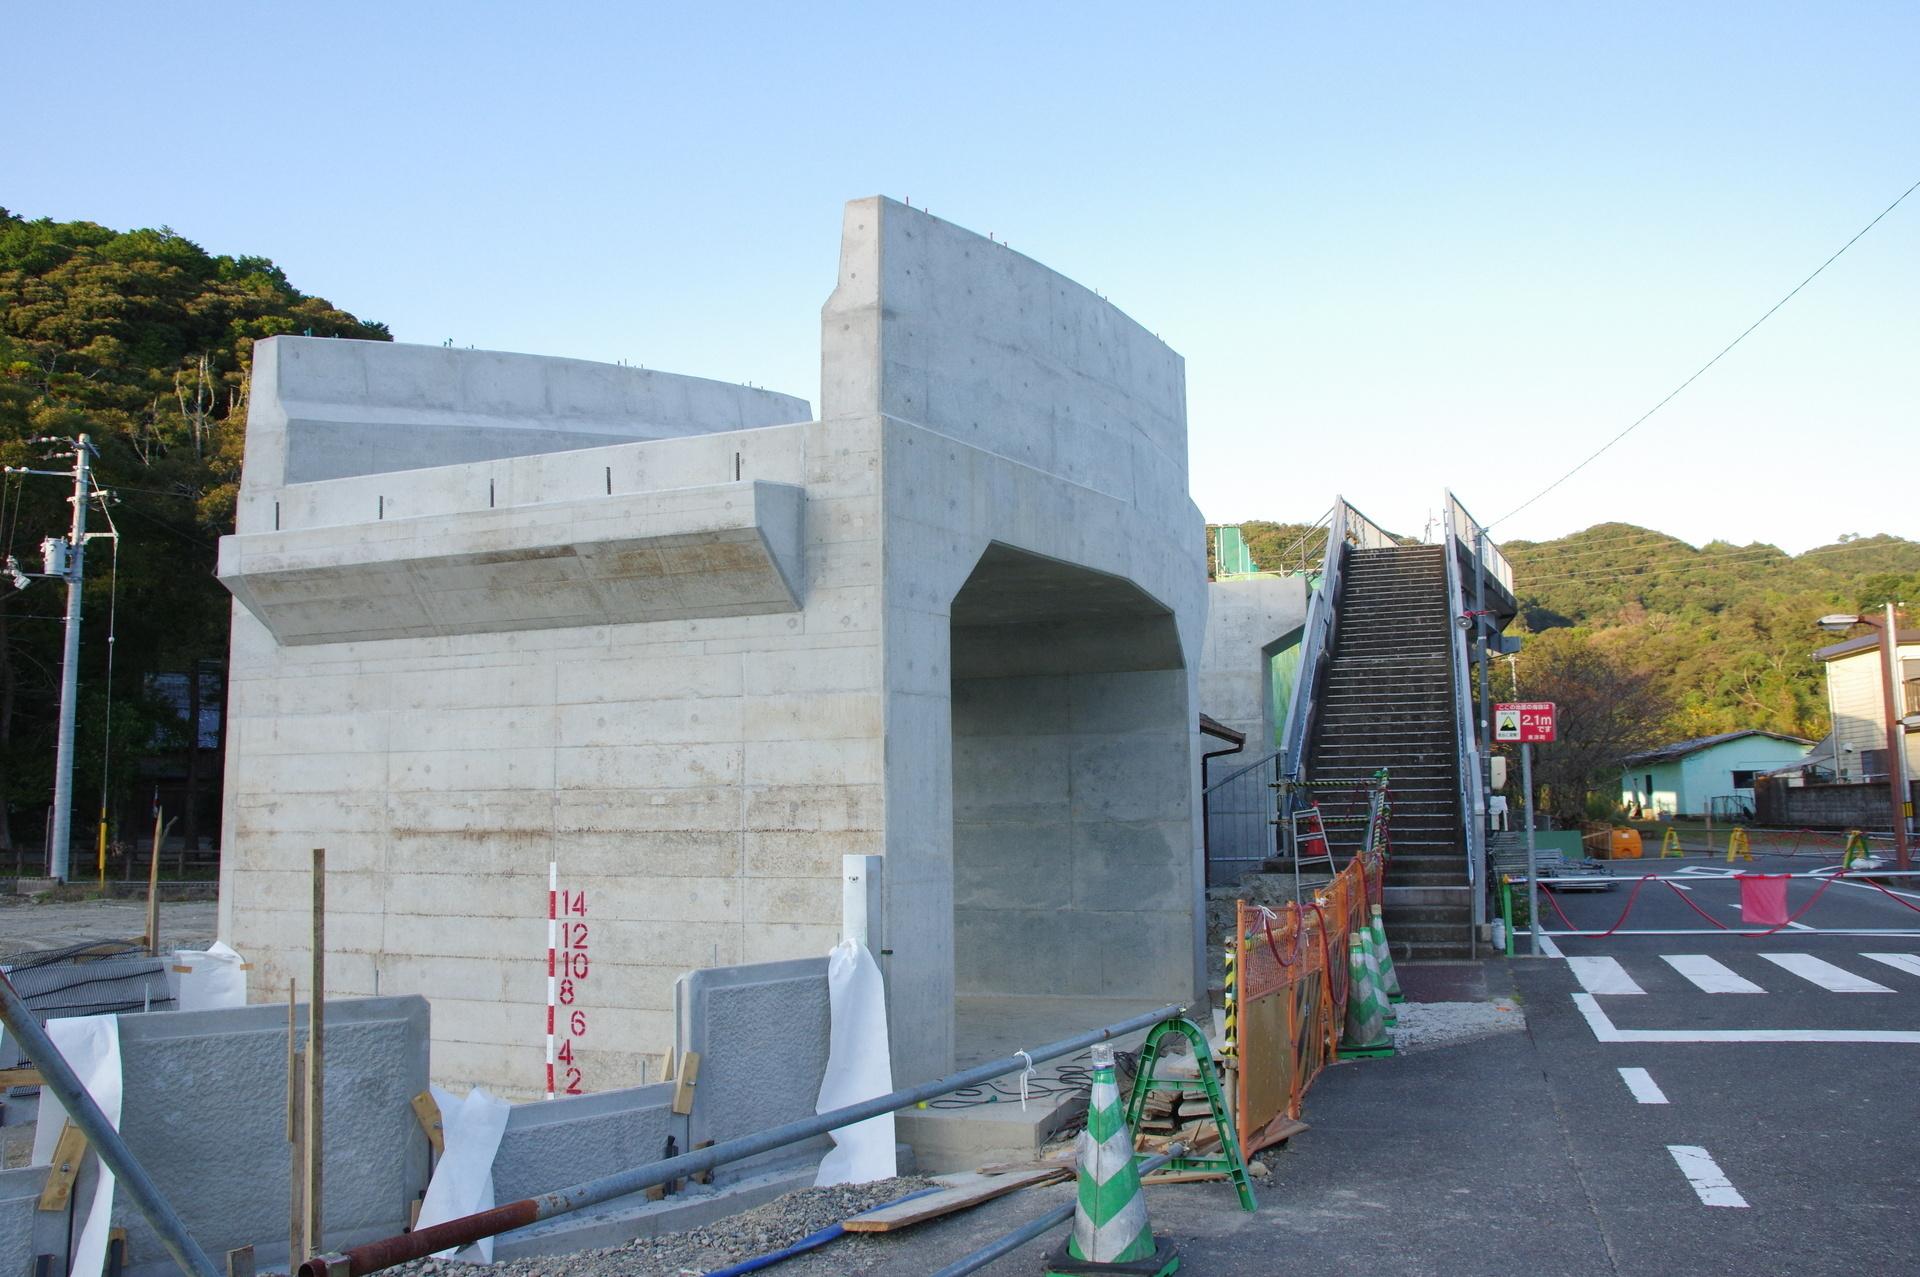 通路が設けられている大型の橋脚